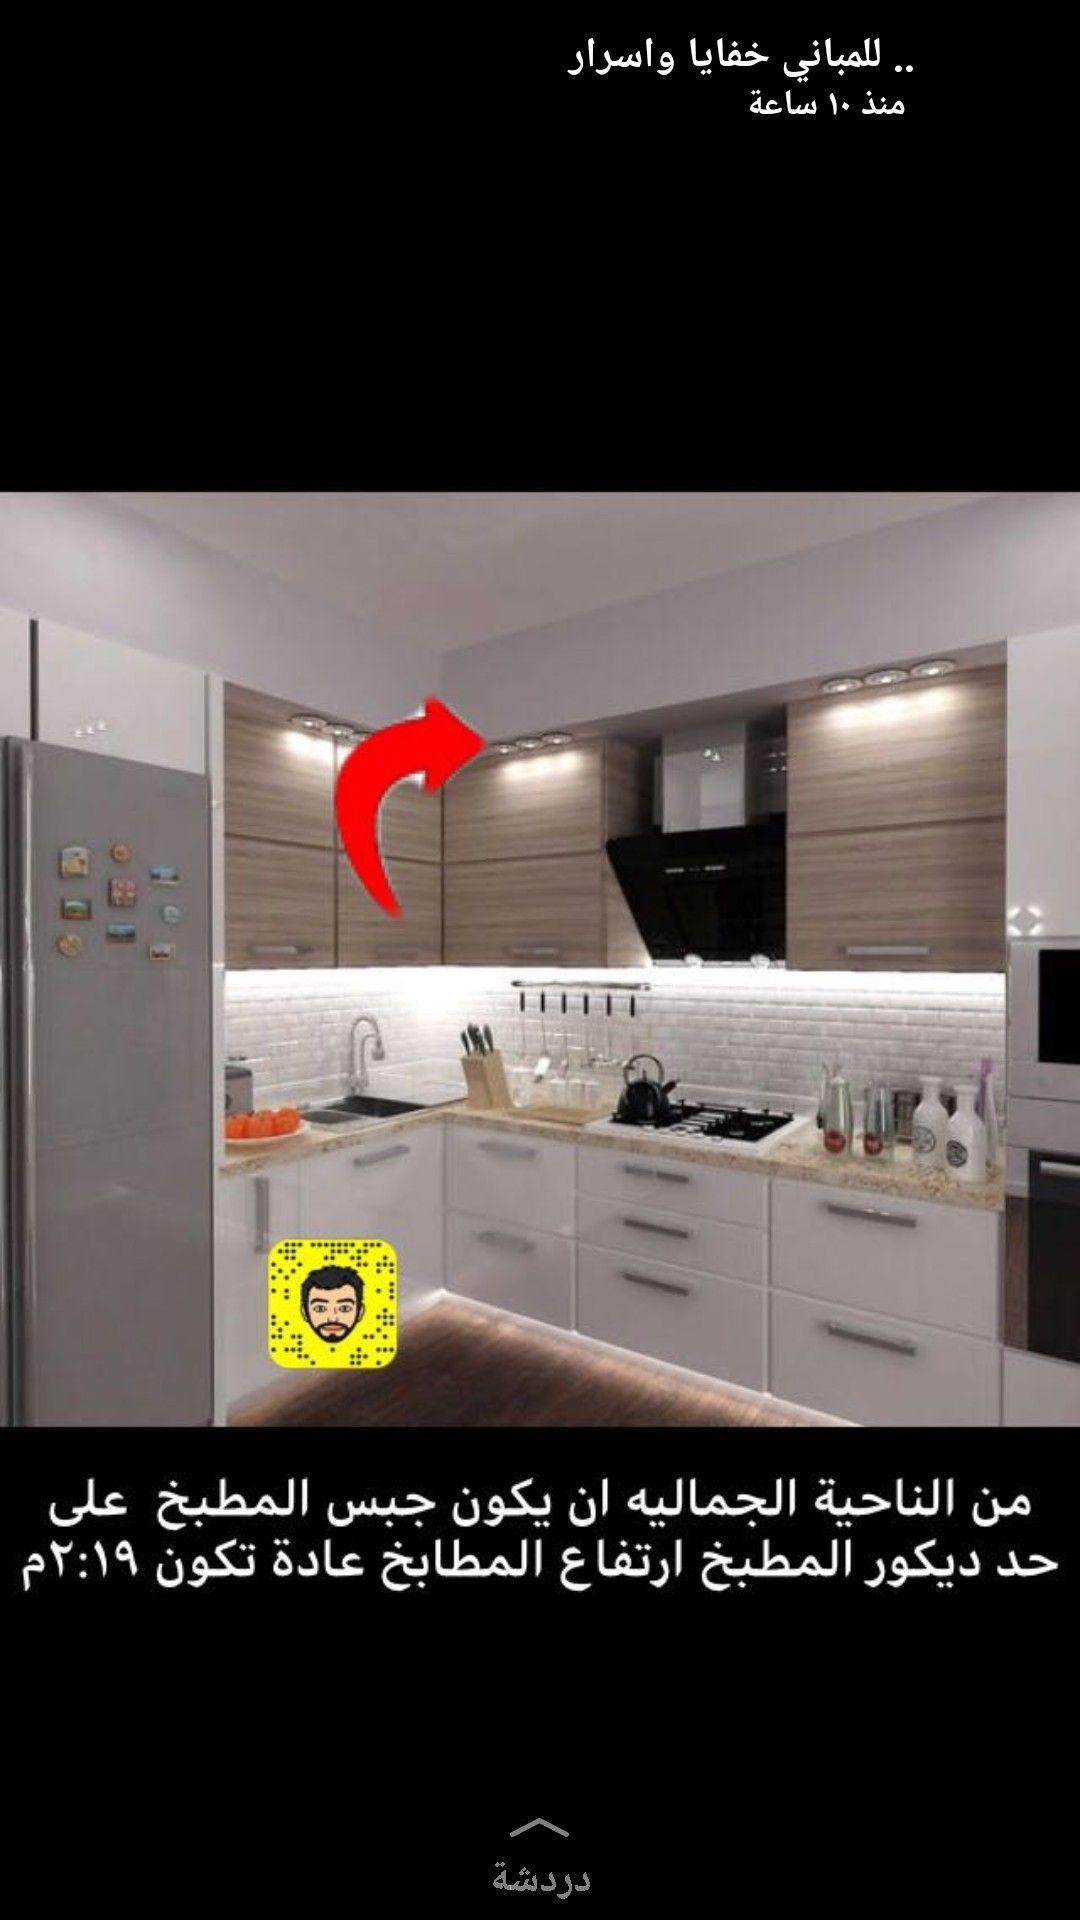 Pin By Smsm On أسقف Kitchen Decor Apartment Modern Kitchen Cabinet Design Kitchen Design Small